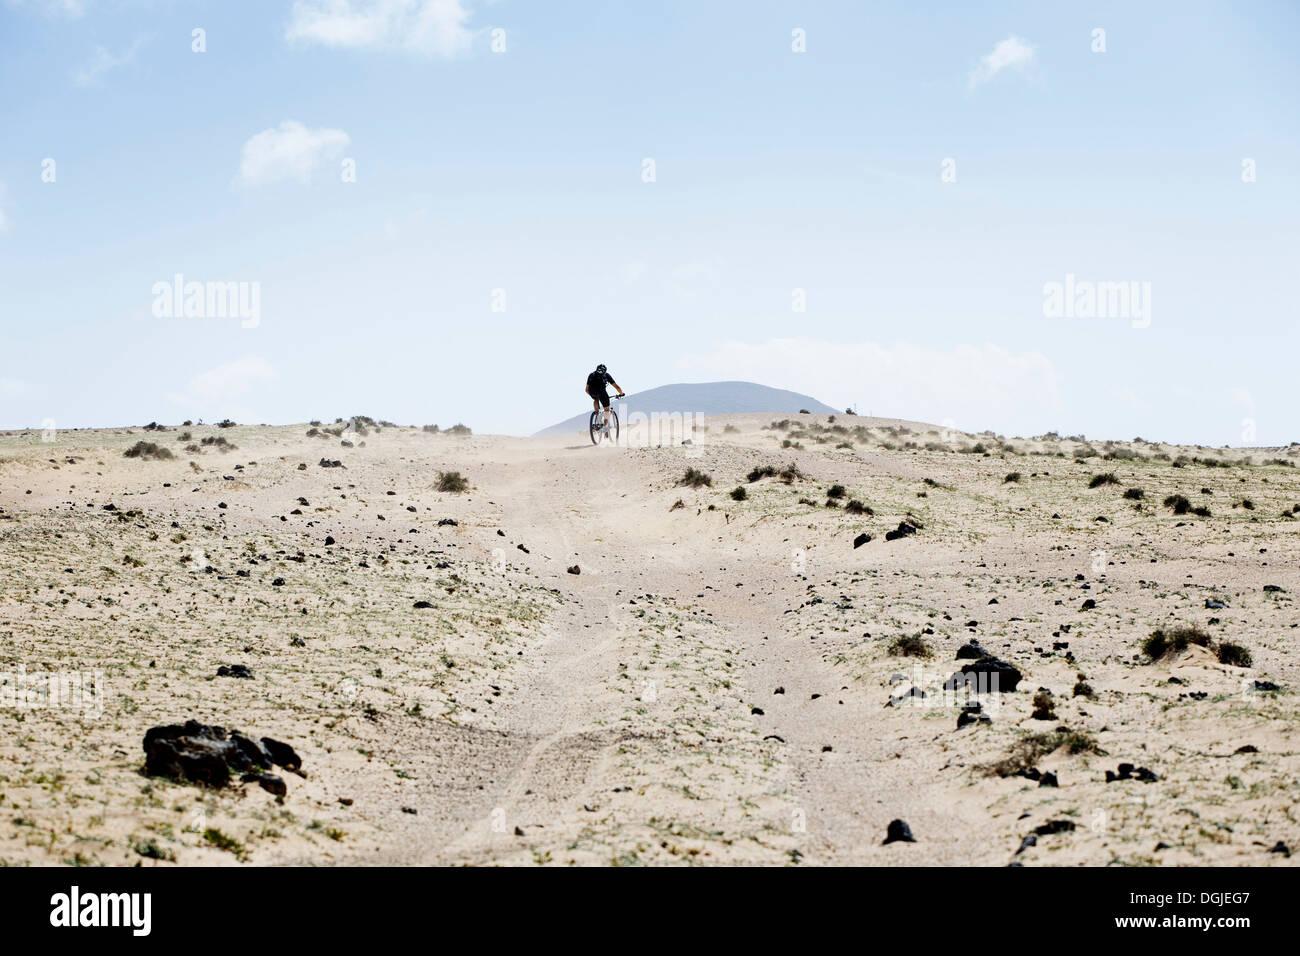 Man mountain biking, Lanzarote - Stock Image